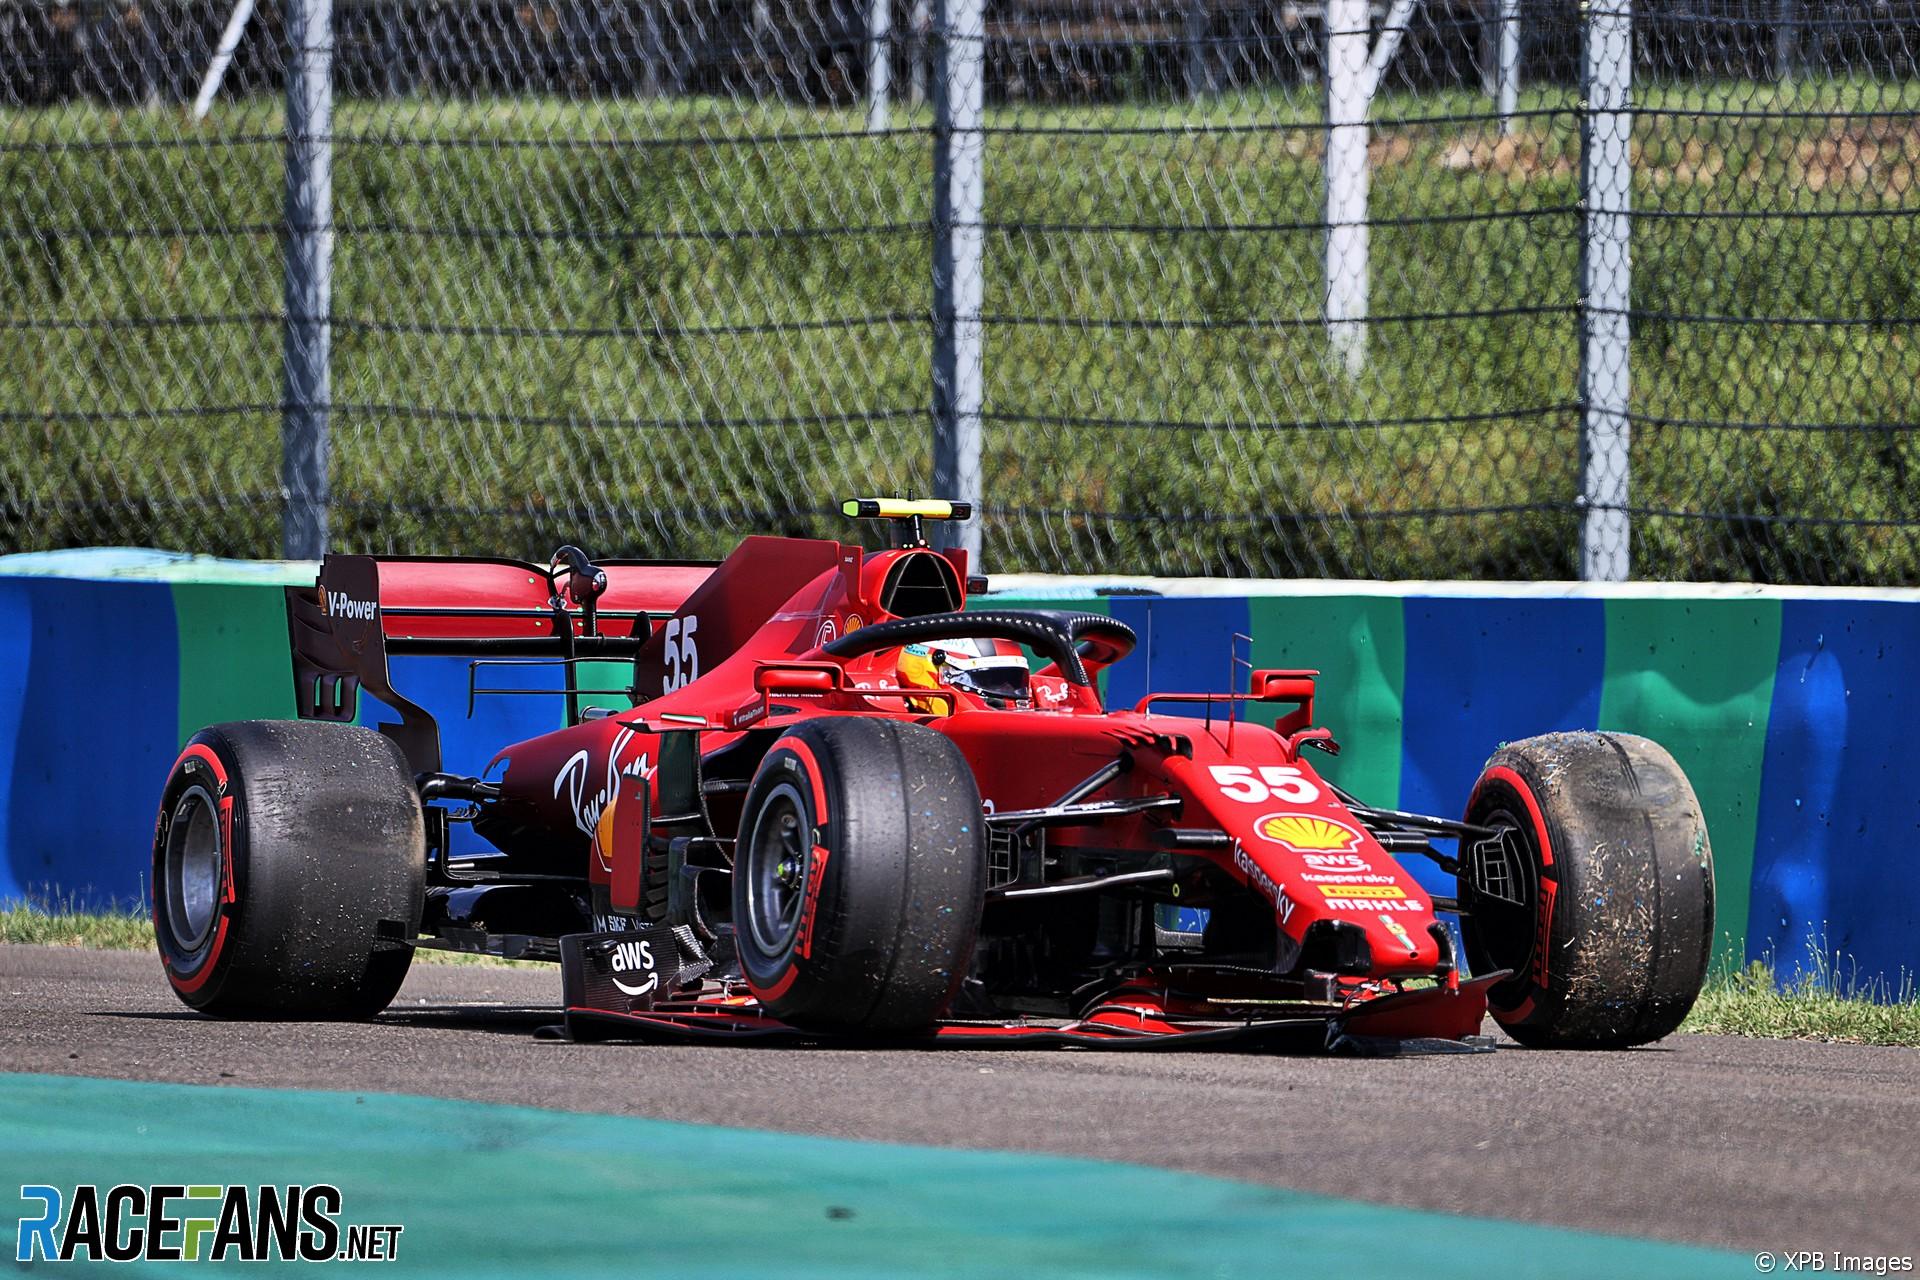 Carlos Sainz Jr., Scuderia Ferrari, SF21